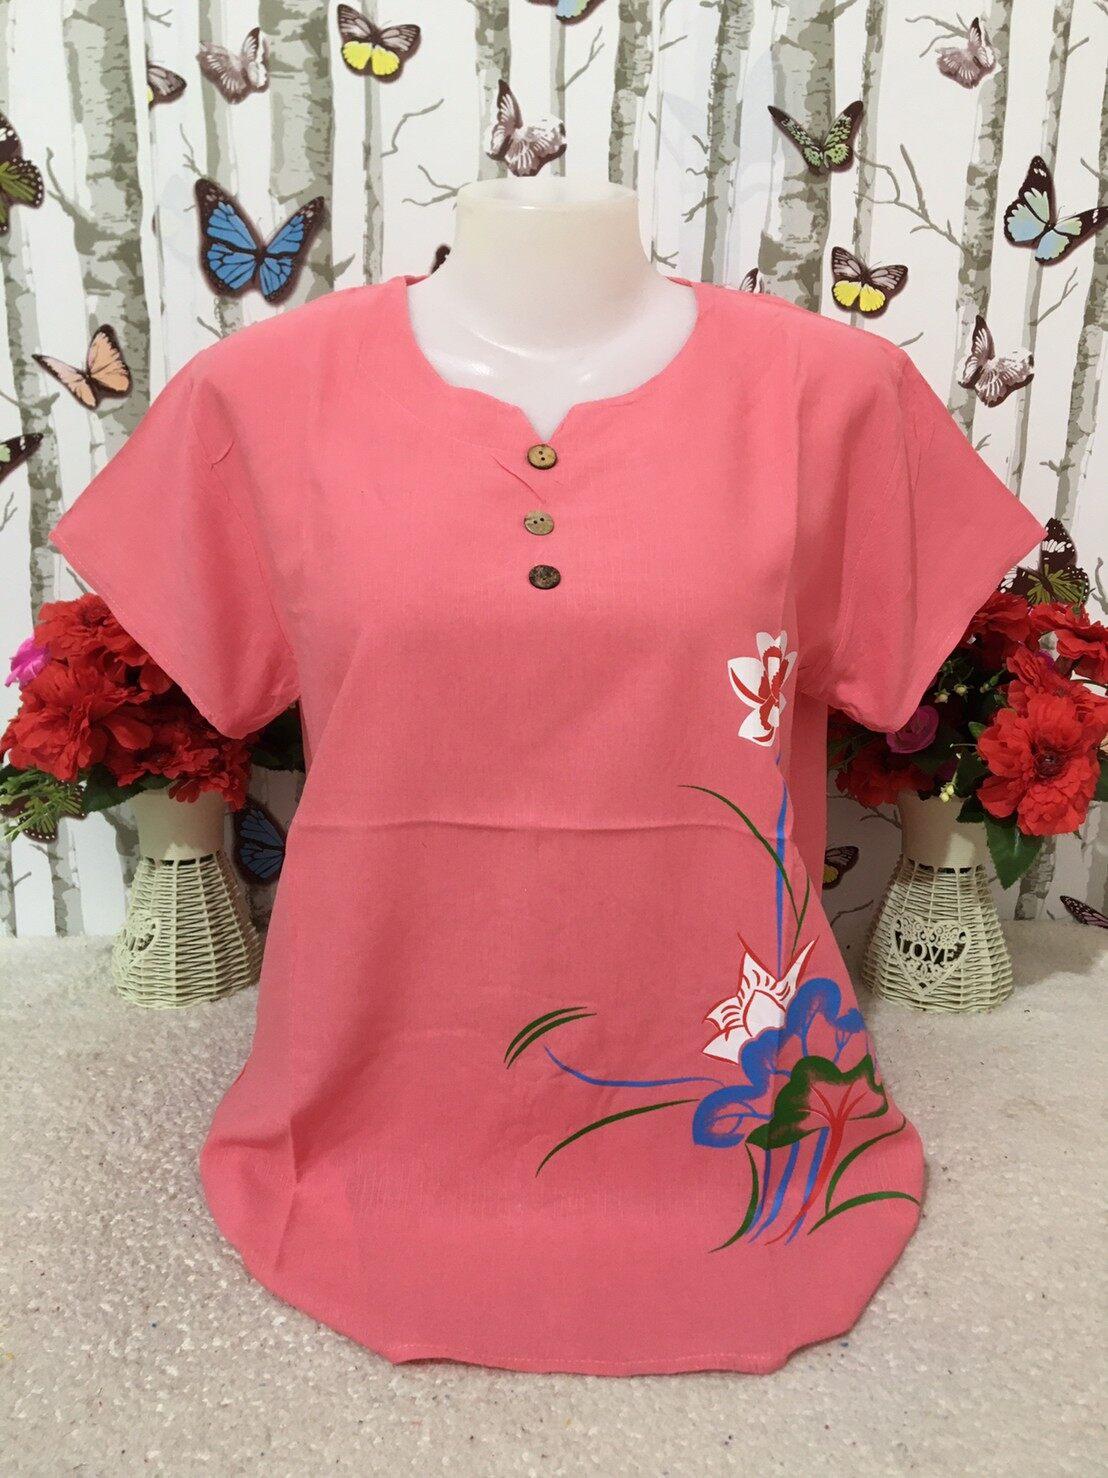 เสื้อผู้หญิง เสื้อผ้าสปัน รอบอก38-44นิ้ว เสื้อแขนสั้น เสื้อผ้าสาวอวบ เสื้อผ้าแฟชั่นผู้หญิง รุ่น001.